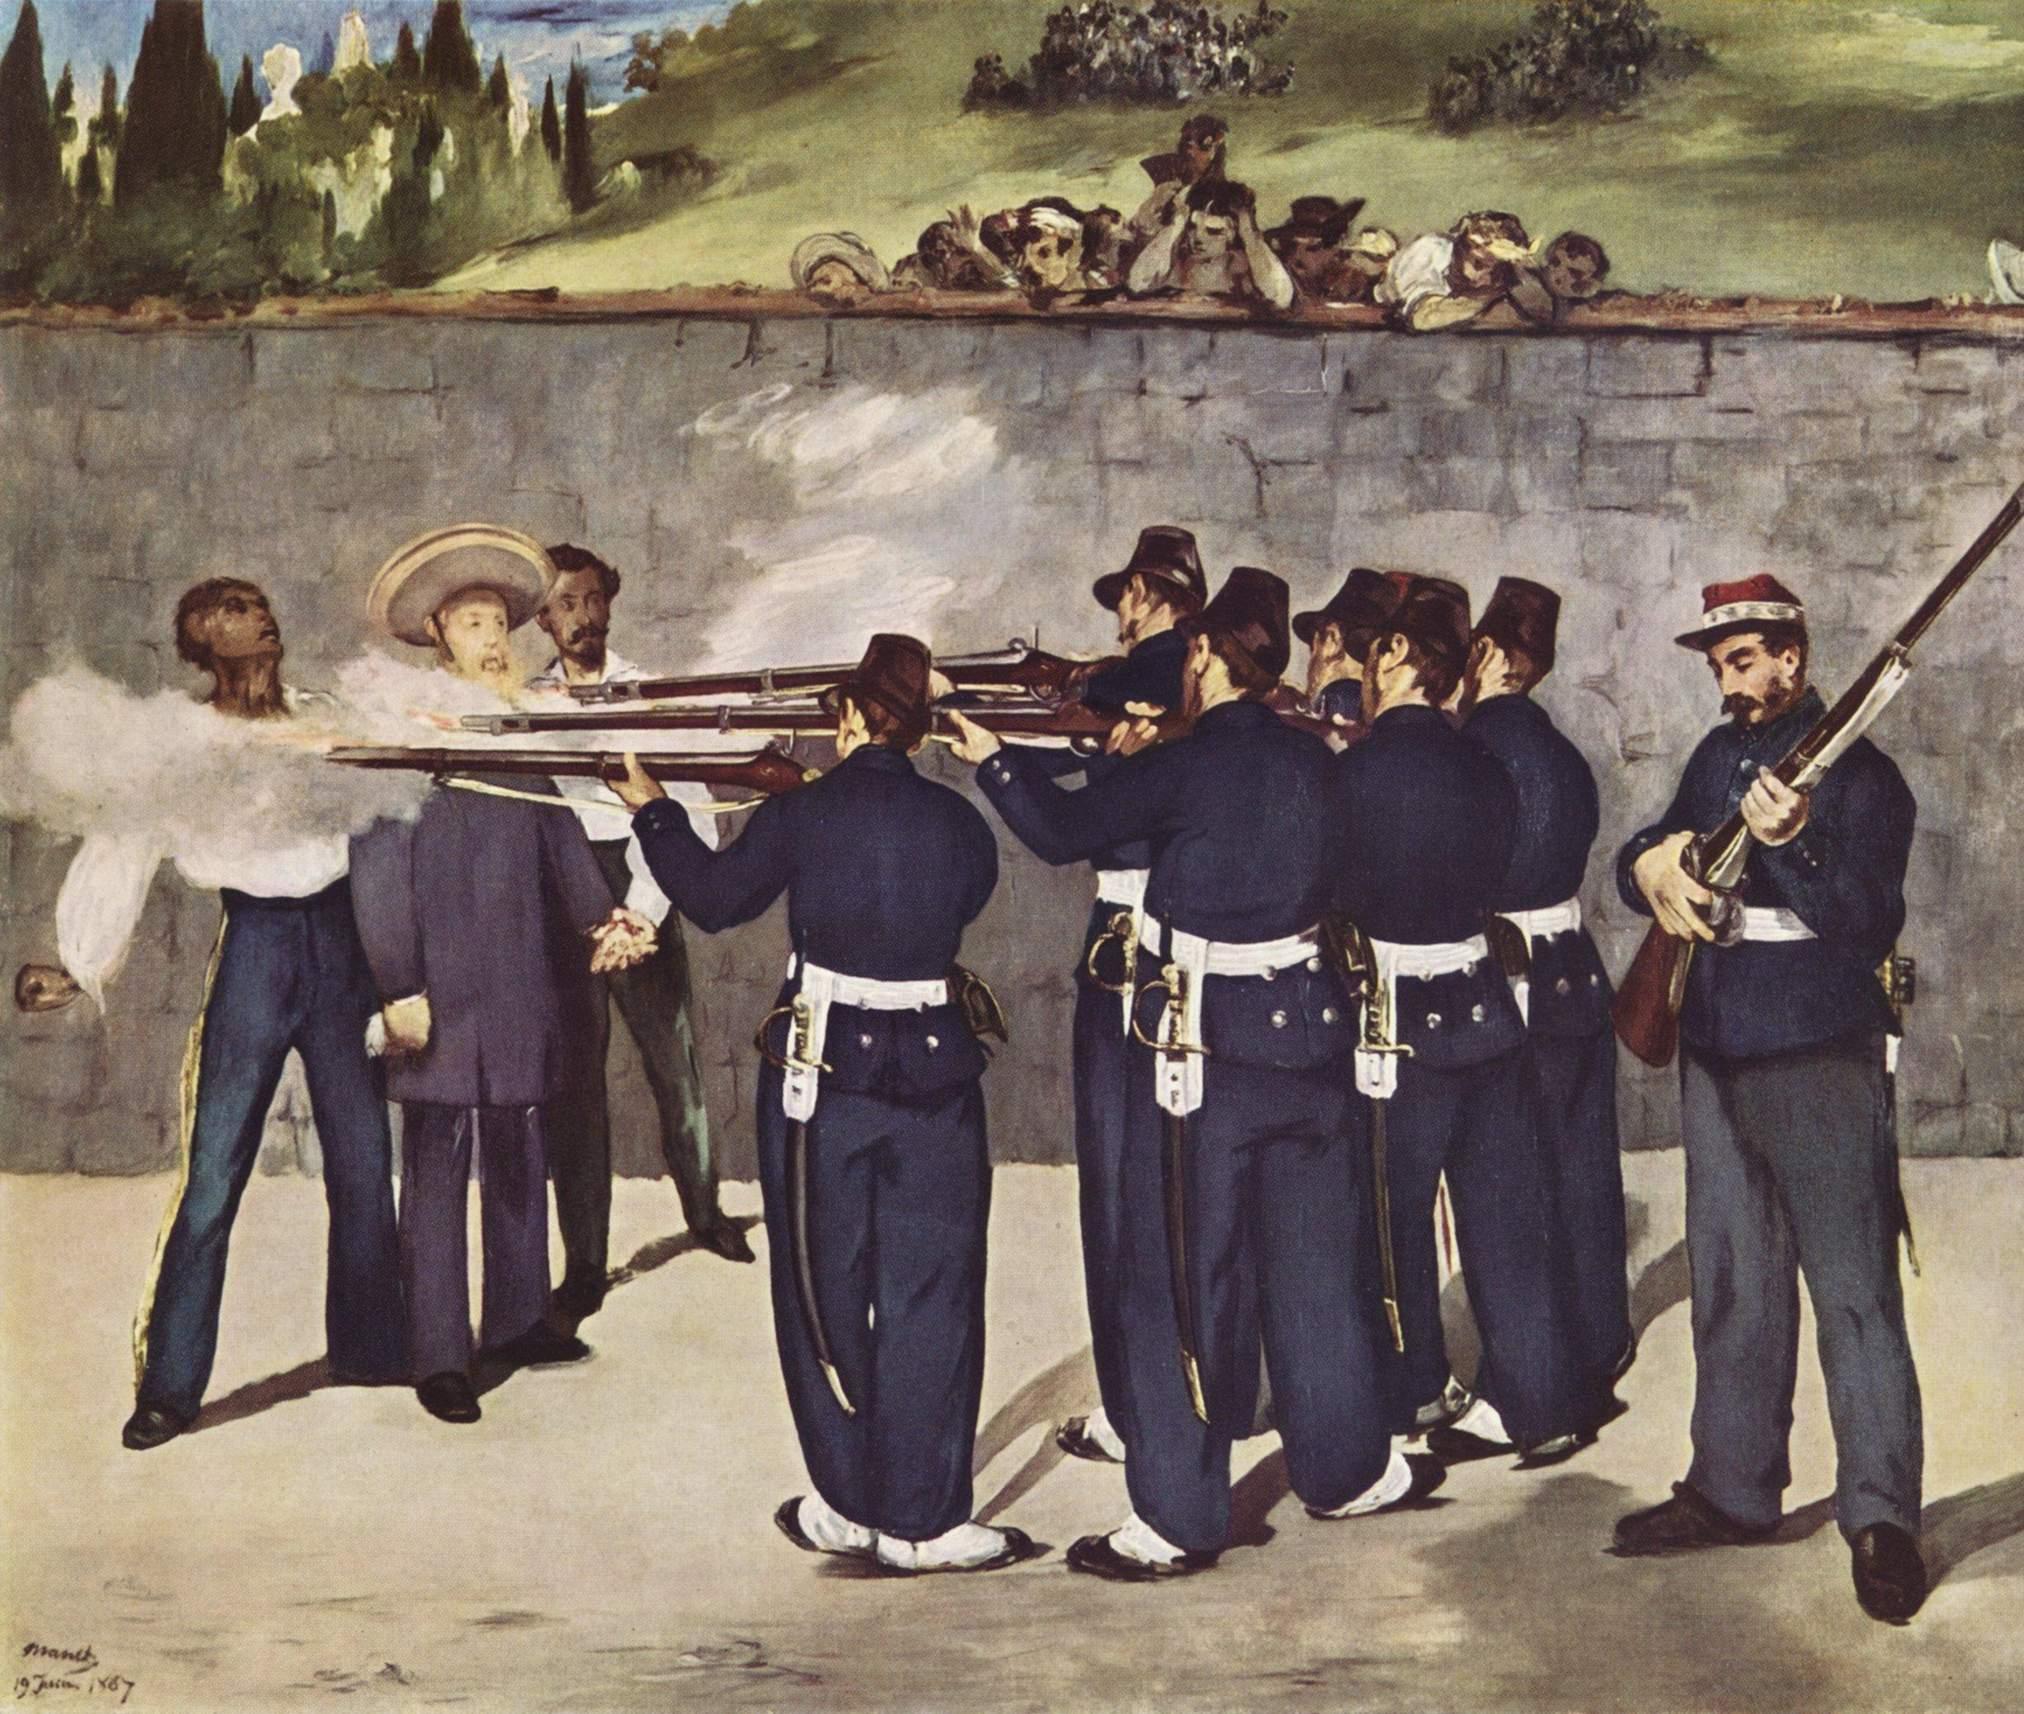 Figura 20 - Édouard Manet, A execução de Maximiliano.